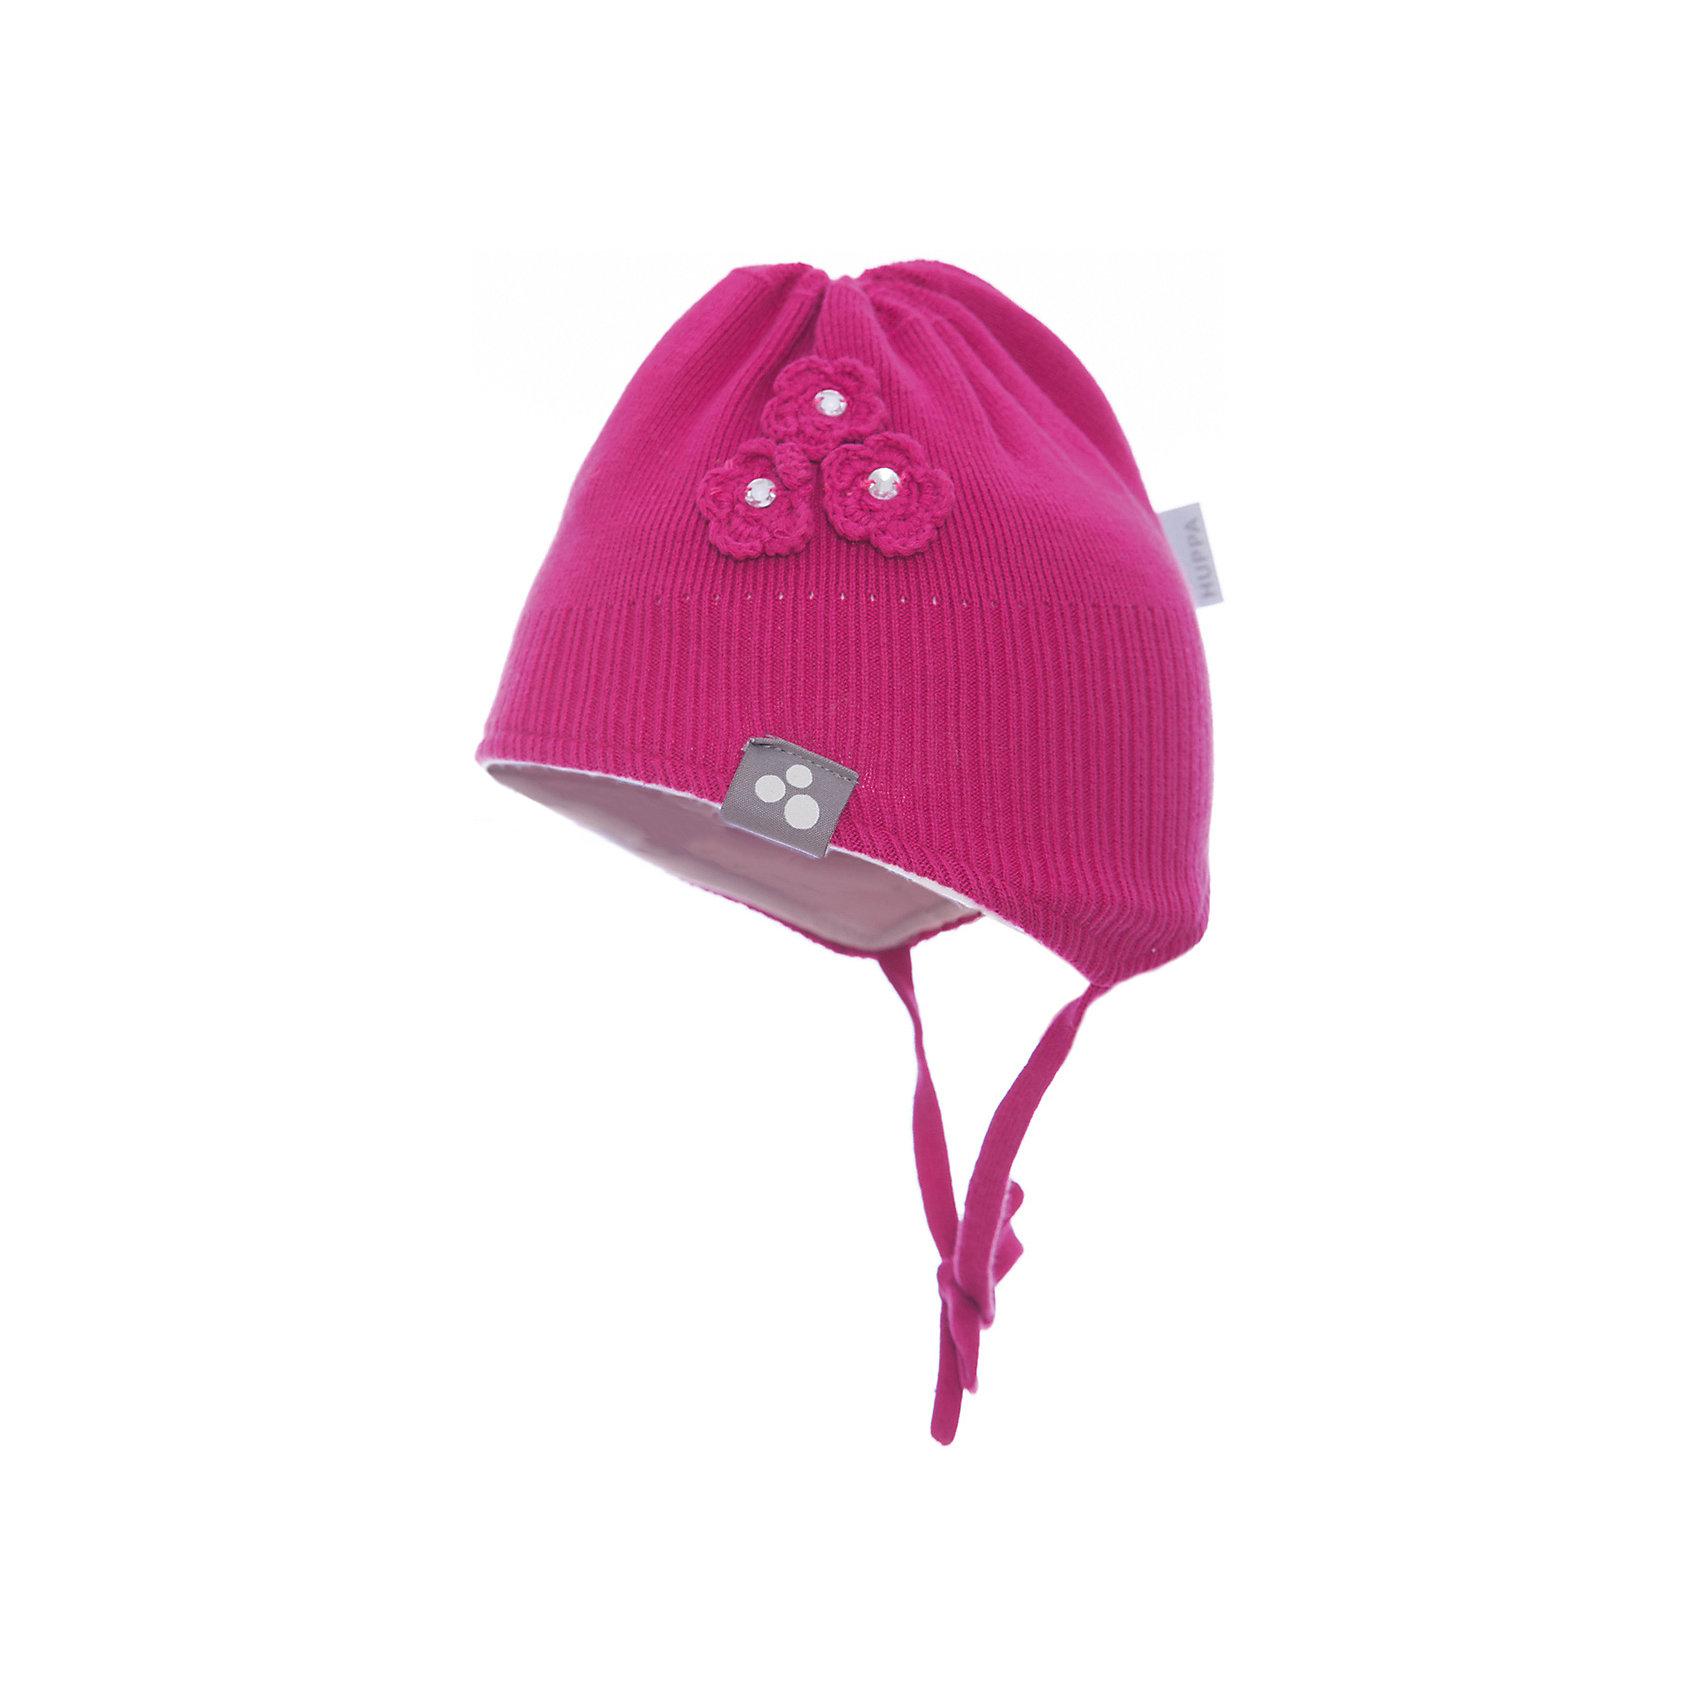 Шапка LARA для девочки HuppaГоловные уборы<br>Характеристики товара:<br><br>• цвет: фуксия<br>• состав: 100% хлопок<br>• температурный режим: от -7°до +10°С<br>• хлопковая подкладка<br>• завязки<br>• логотип<br>• можно надевать под капюшон<br>• декорирована вязаными цветами<br>• комфортная посадка<br>• мягкий материал<br>• температурный режим: от 0°С до +10°С<br>• коллекция: весна-лето 2017<br>• страна бренда: Эстония<br><br>Эта шапка обеспечит малышам тепло и комфорт. Она сделана из приятного на ощупь материала, поэтому изделие не колется и не натирает. Подкладка выполнена из дышащего и гипоаллергенного хлопка. Шапка очень симпатично смотрится, а дизайн и отделка добавляют ей оригинальности. Модель была разработана специально для малышей.<br><br>Одежда и обувь от популярного эстонского бренда Huppa - отличный вариант одеть ребенка можно и комфортно. Вещи, выпускаемые компанией, качественные, продуманные и очень удобные. Для производства изделий используются только безопасные для детей материалы. Продукция от Huppa порадует и детей, и их родителей!<br><br>Шапку LARA от бренда Huppa (Хуппа) можно купить в нашем интернет-магазине.<br><br>Ширина мм: 89<br>Глубина мм: 117<br>Высота мм: 44<br>Вес г: 155<br>Цвет: розовый<br>Возраст от месяцев: 6<br>Возраст до месяцев: 12<br>Пол: Женский<br>Возраст: Детский<br>Размер: 43-45,55-57,51-53,47-49<br>SKU: 5347720